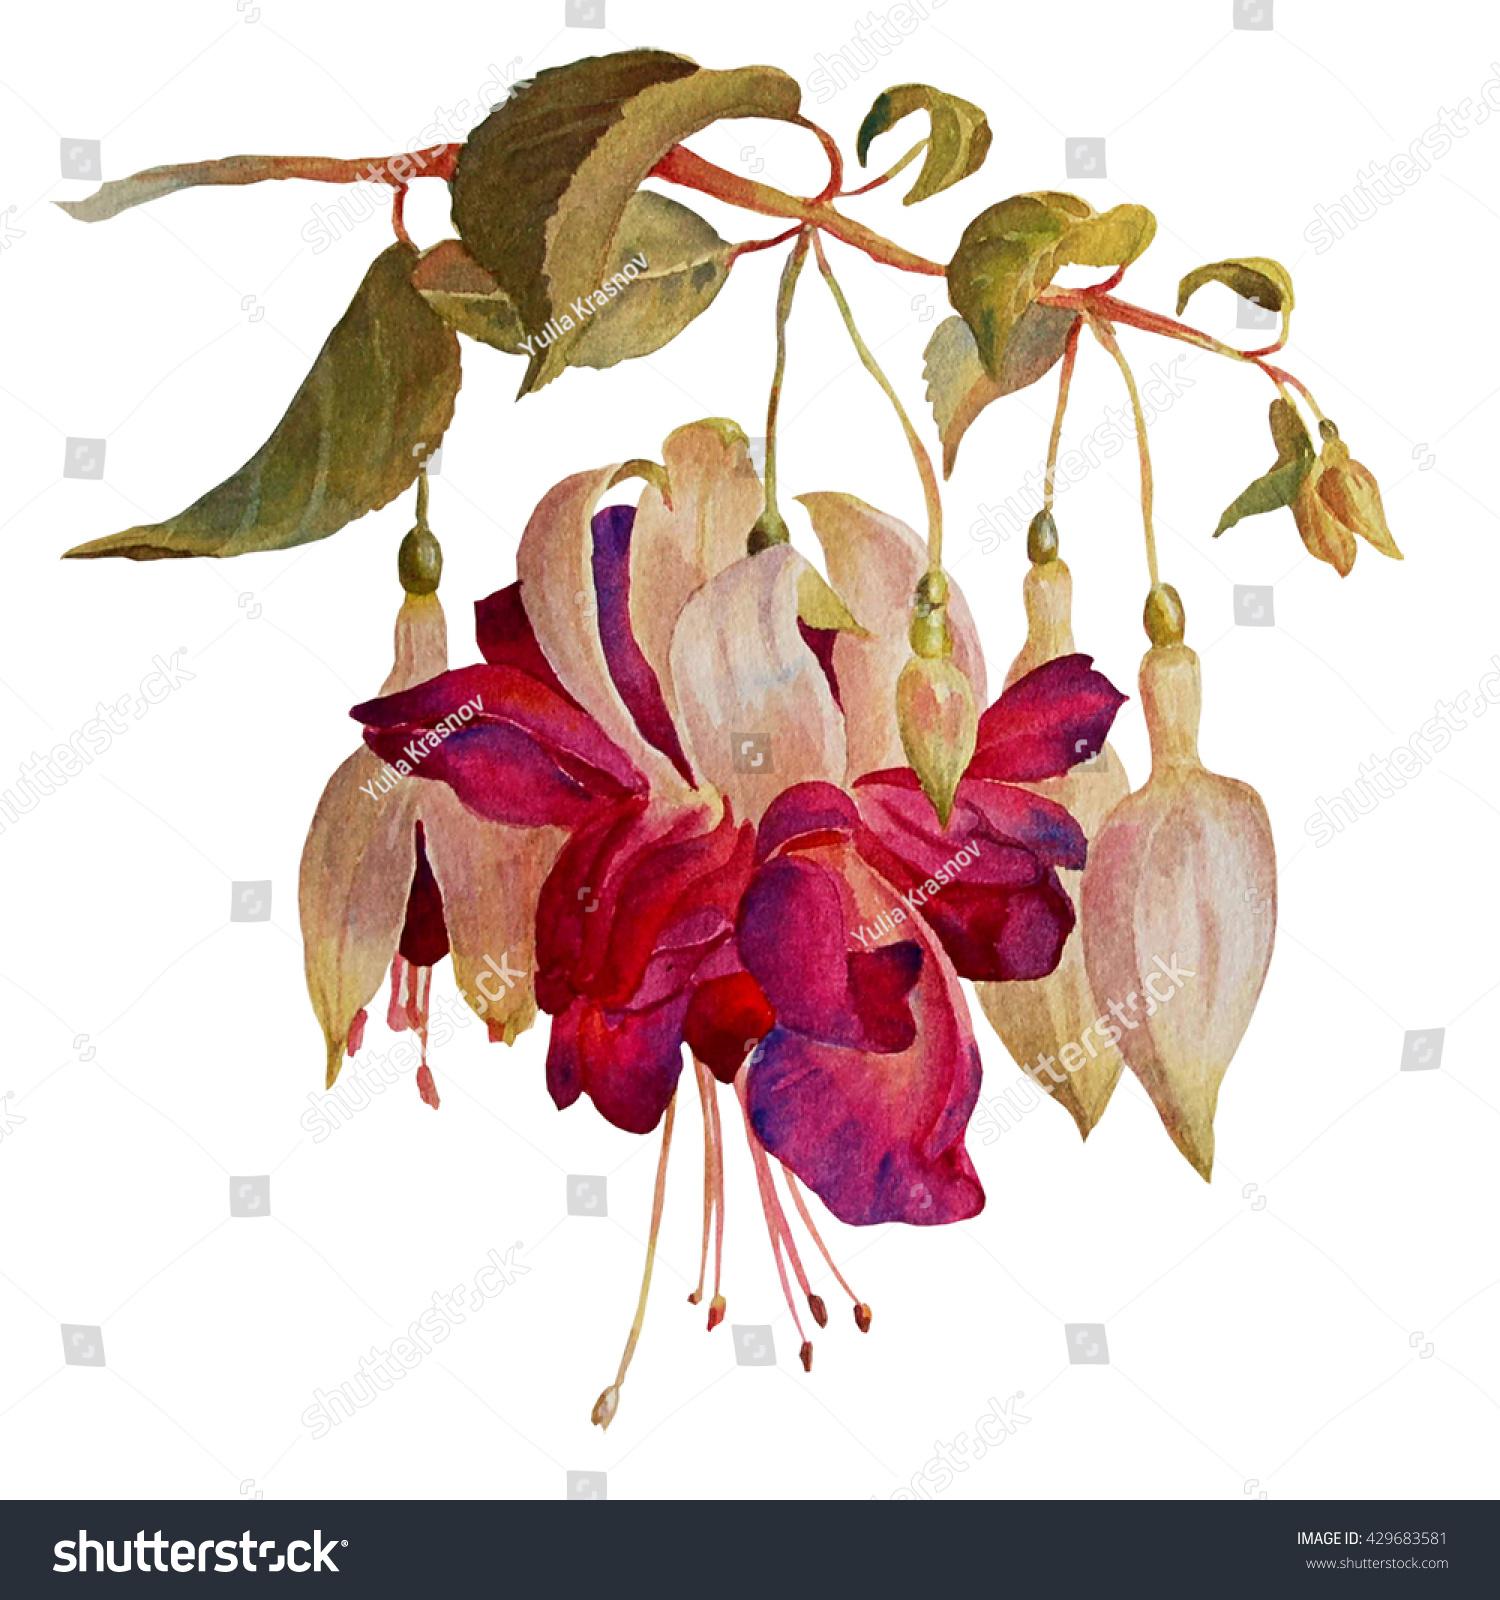 Fuchsia Flowers Isolated On White Background Stock Illustration ...